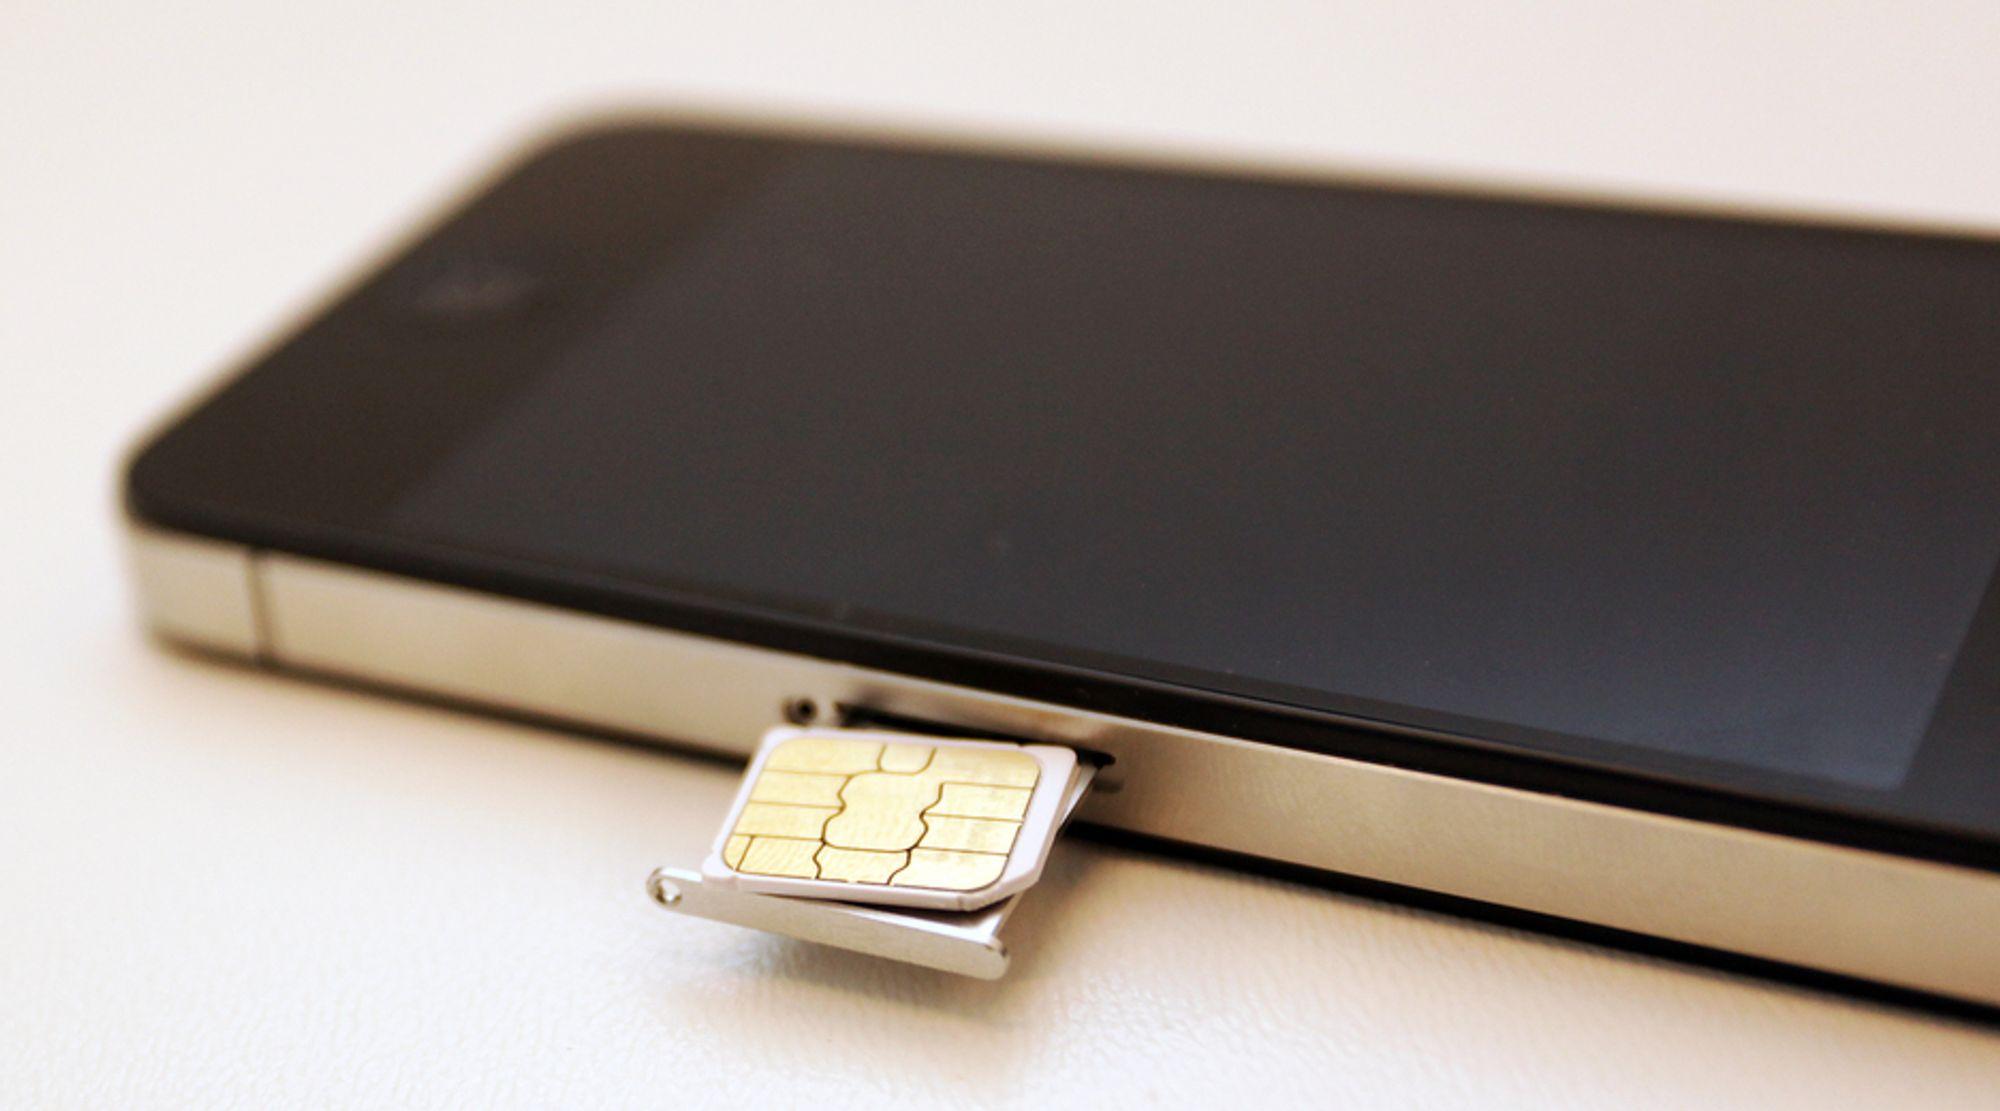 iPhone-brukerne har størst sannsynlighet til å holde seg til mobilmerket sitt, skal vi tro en undersøkelse fra EPSI Norge.